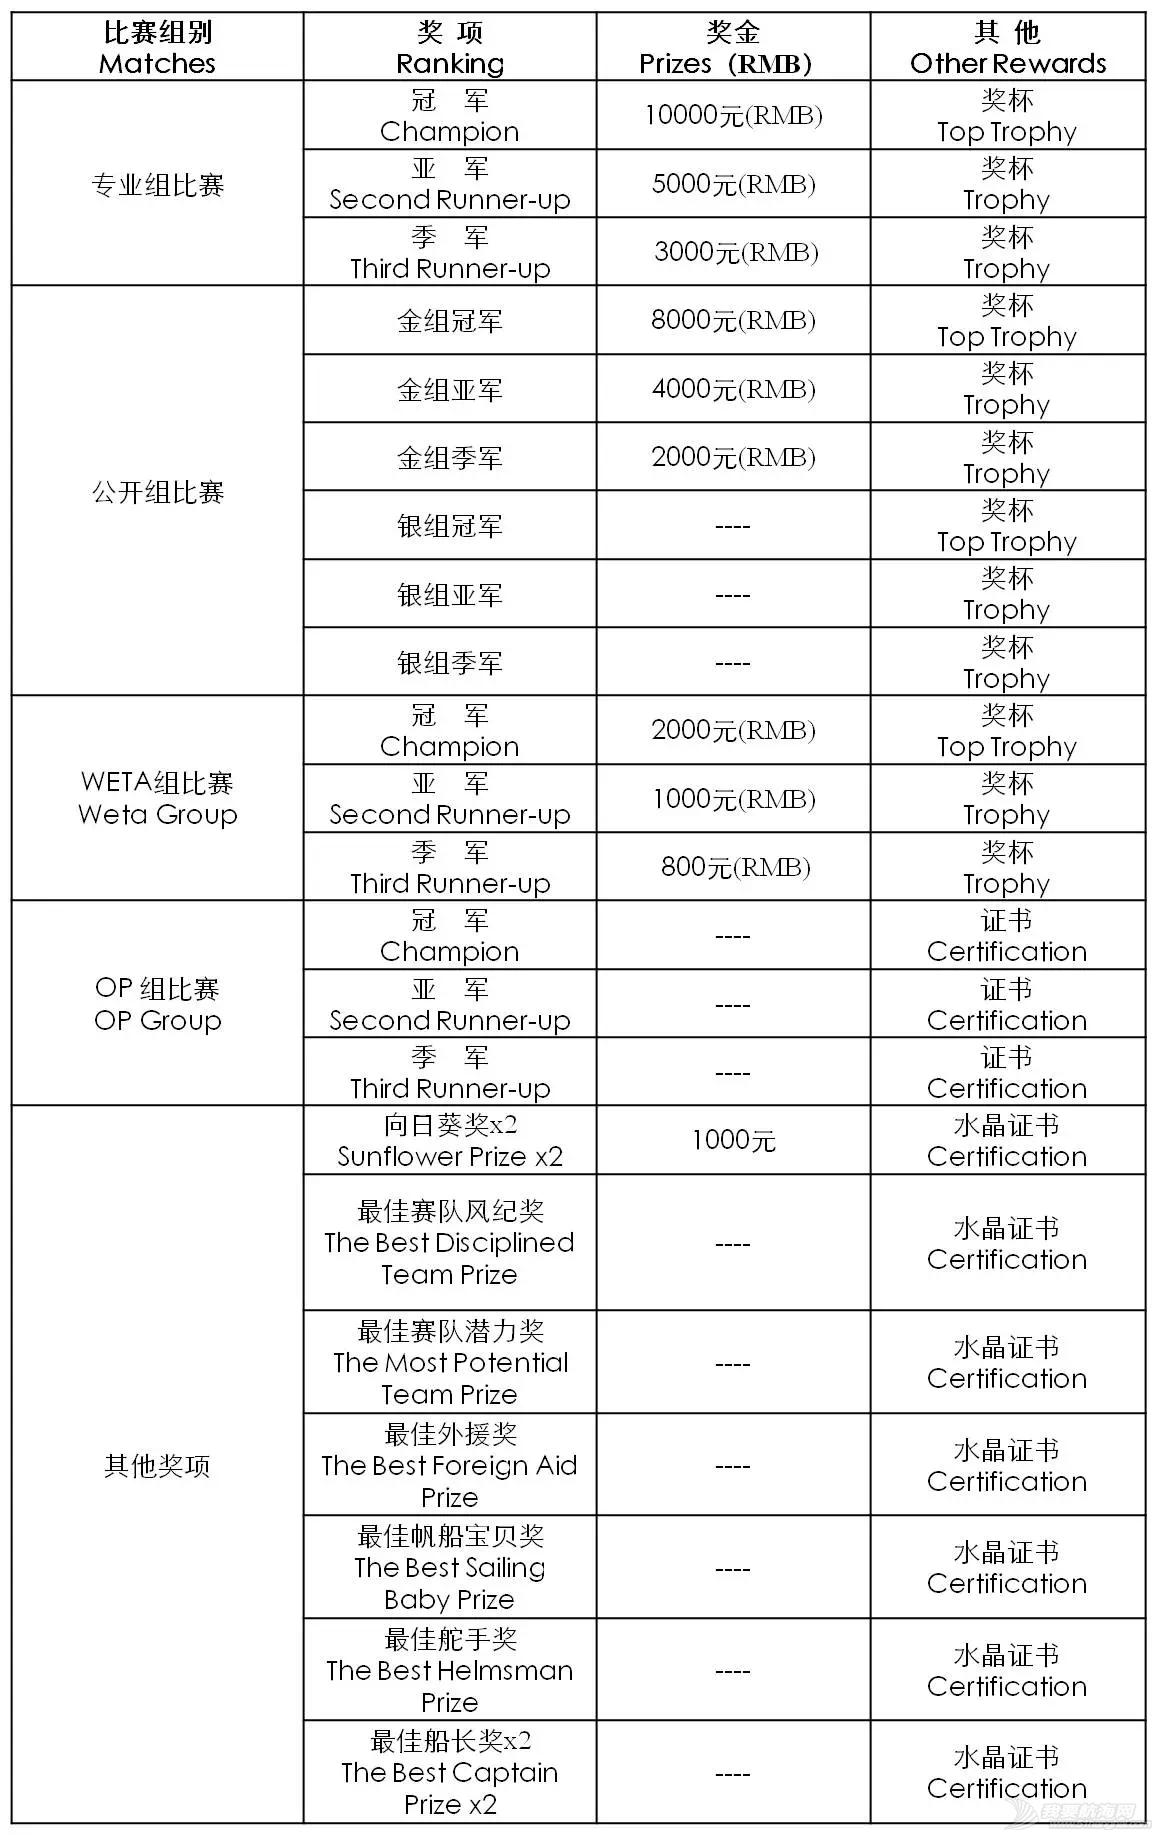 金鸡,公告 金鸡湖1号•城际内湖杯2016金鸡湖帆船赛公告 濂栭噾.png